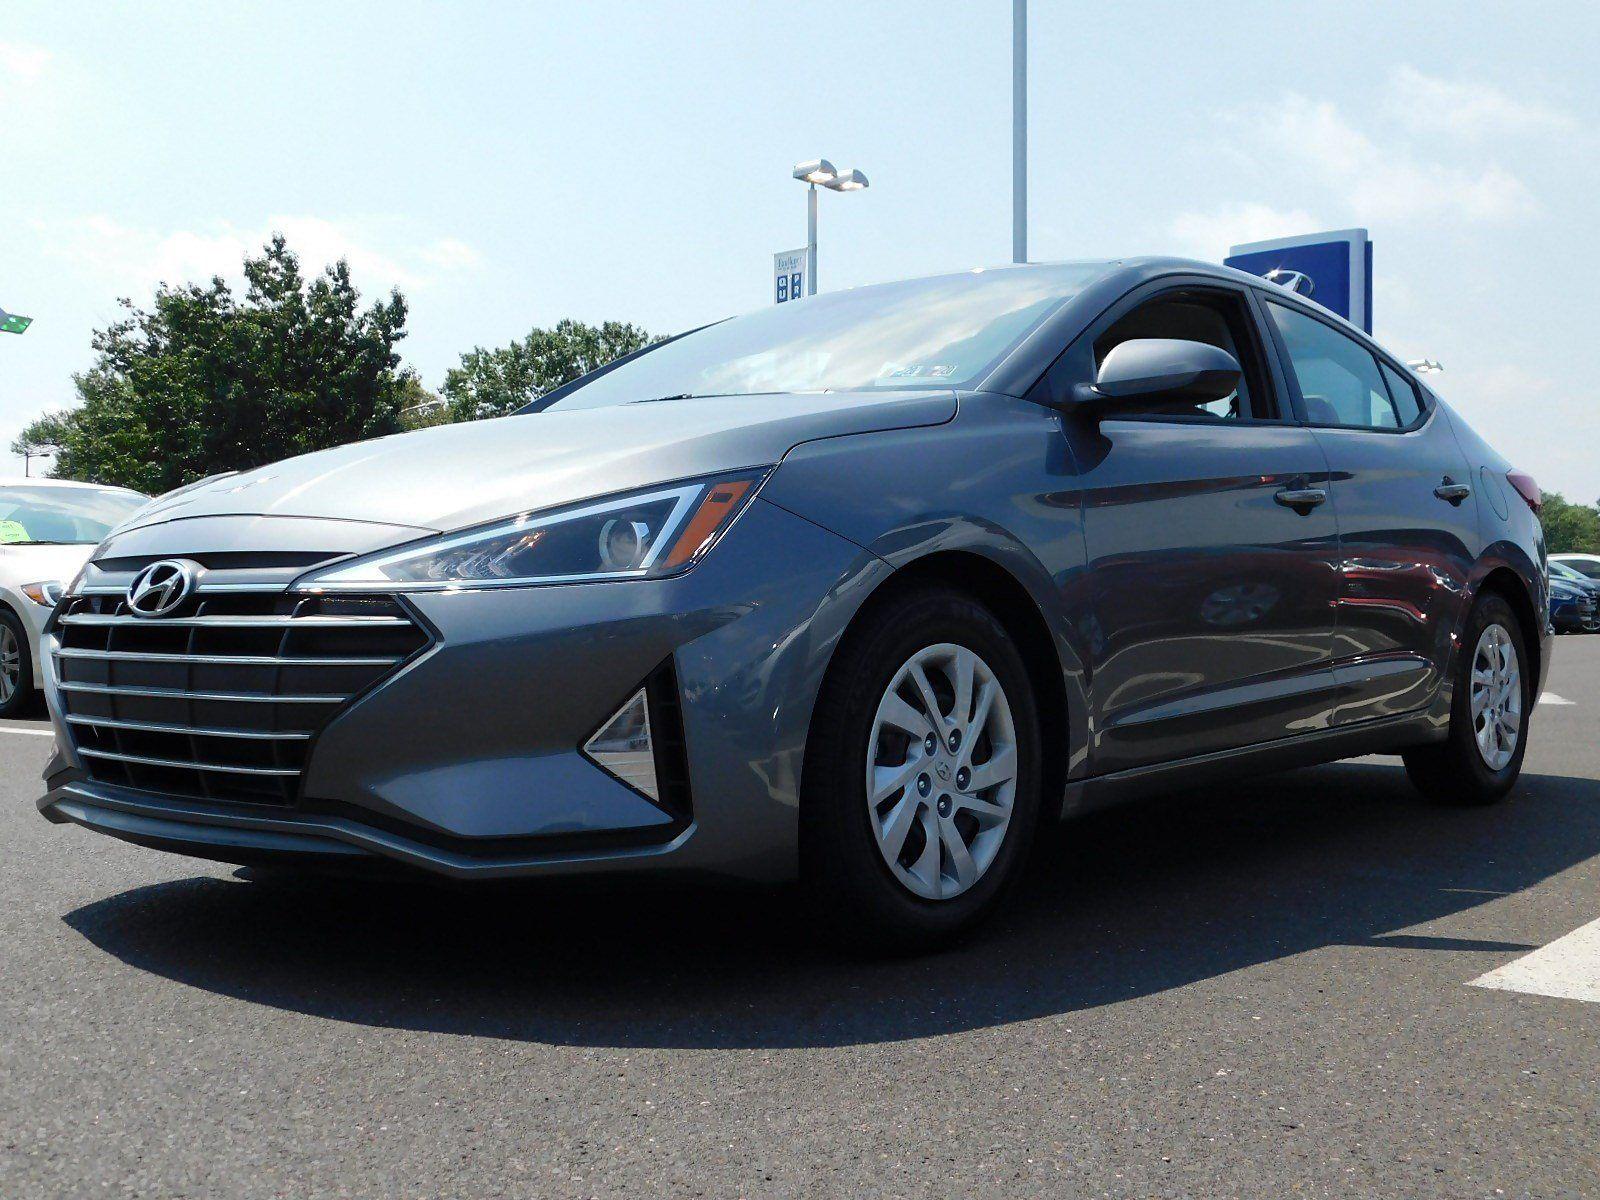 2020 Hyundai Elantra Sedan History In 2020 Hyundai Elantra Elantra Hyundai